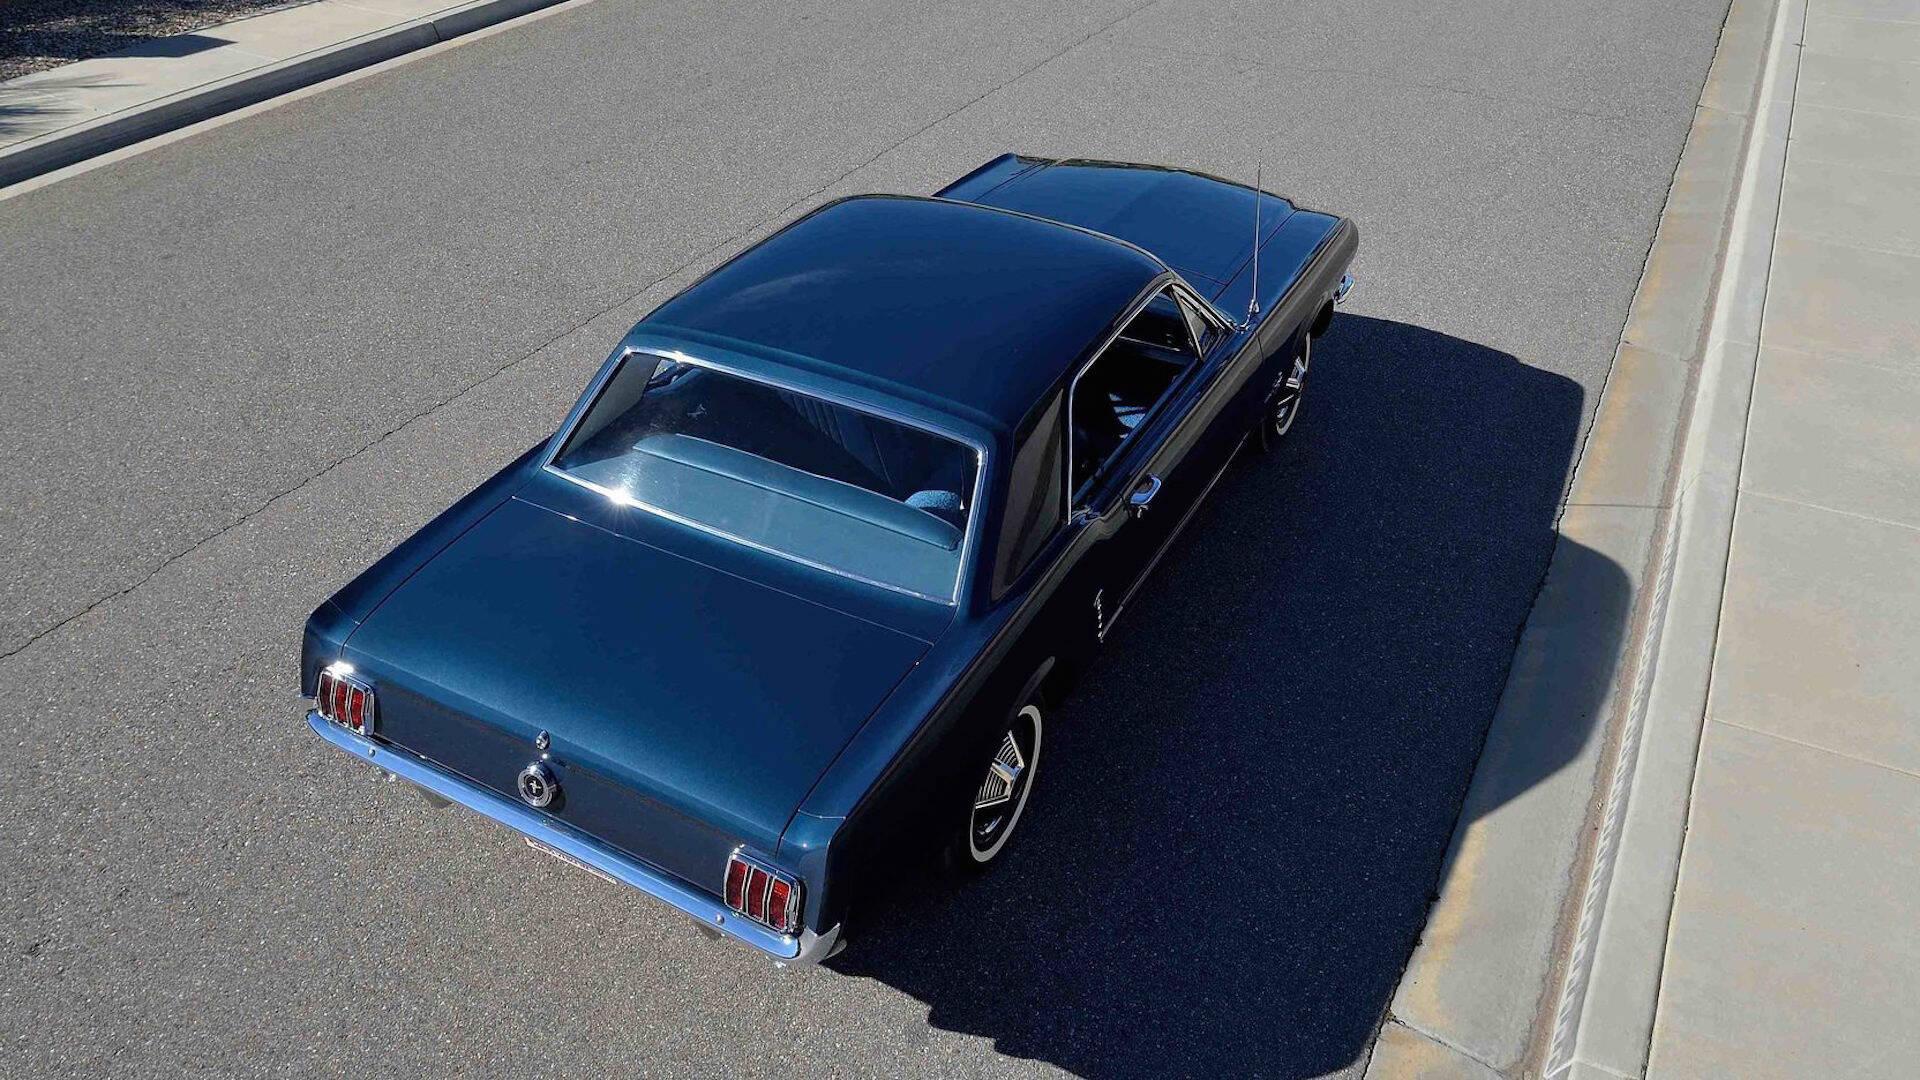 Ford Mustang. Foto: Divulgação